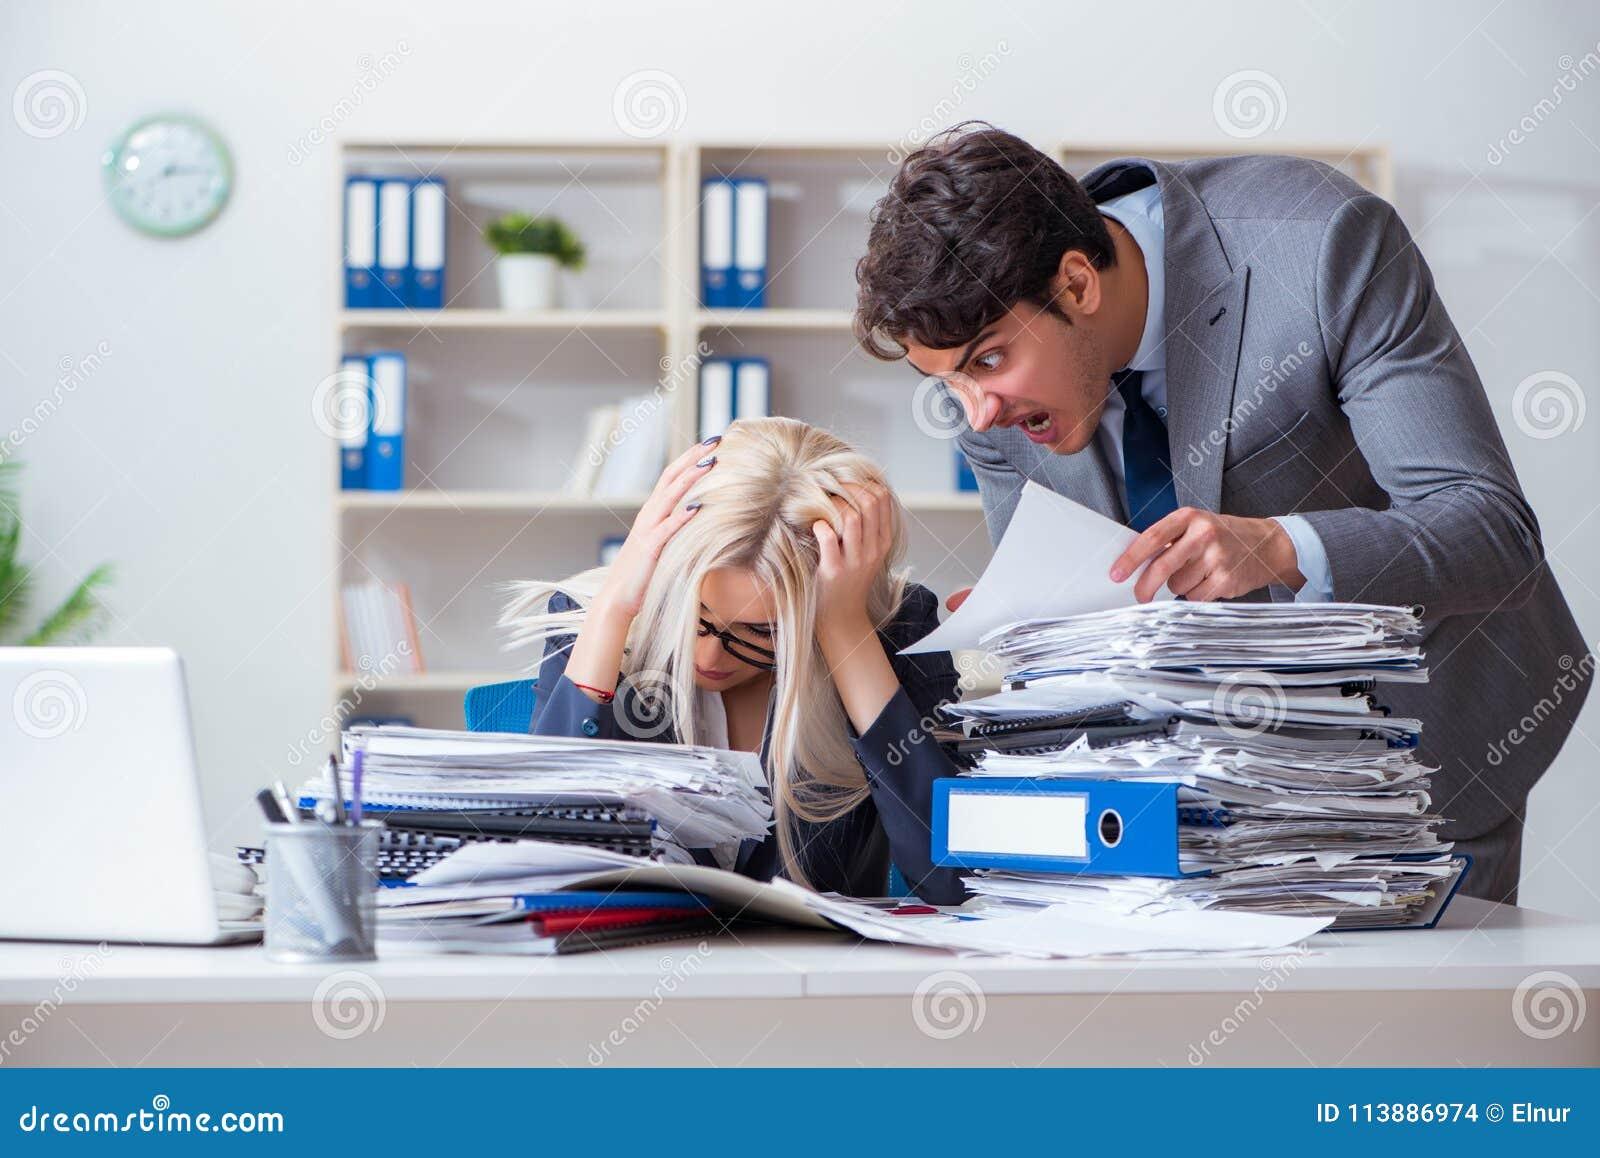 Gniewny zagniewany szef wrzeszczy i krzyczy przy jego sekretarka pracownikiem